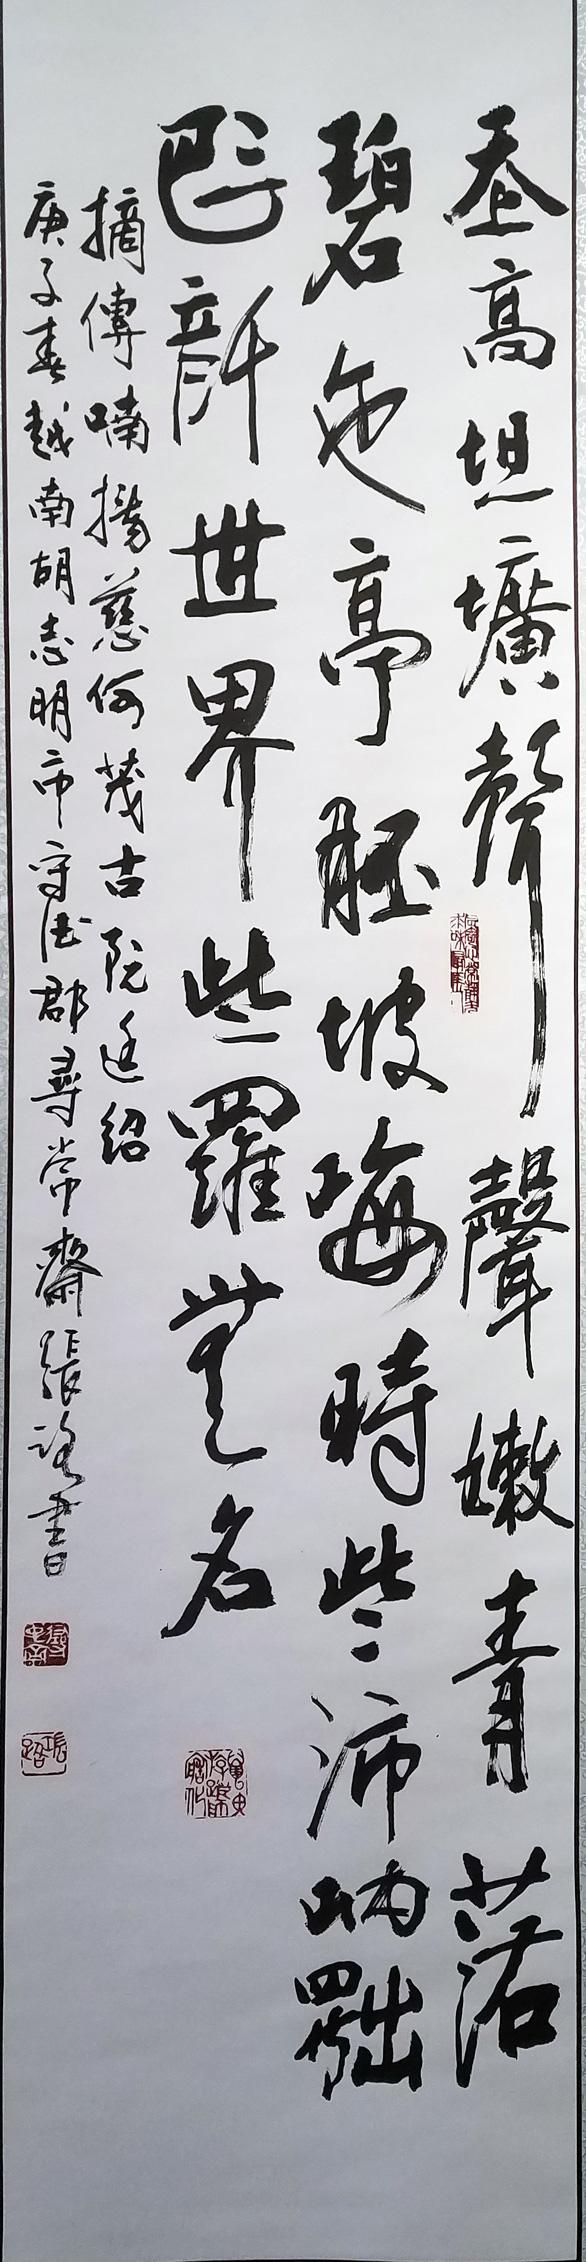 Xem triển lãm thư pháp của Trương Lộ gặp thơ Lê Quý Đôn, Bùi Giáng, Bảo Định Giang - Ảnh 5.